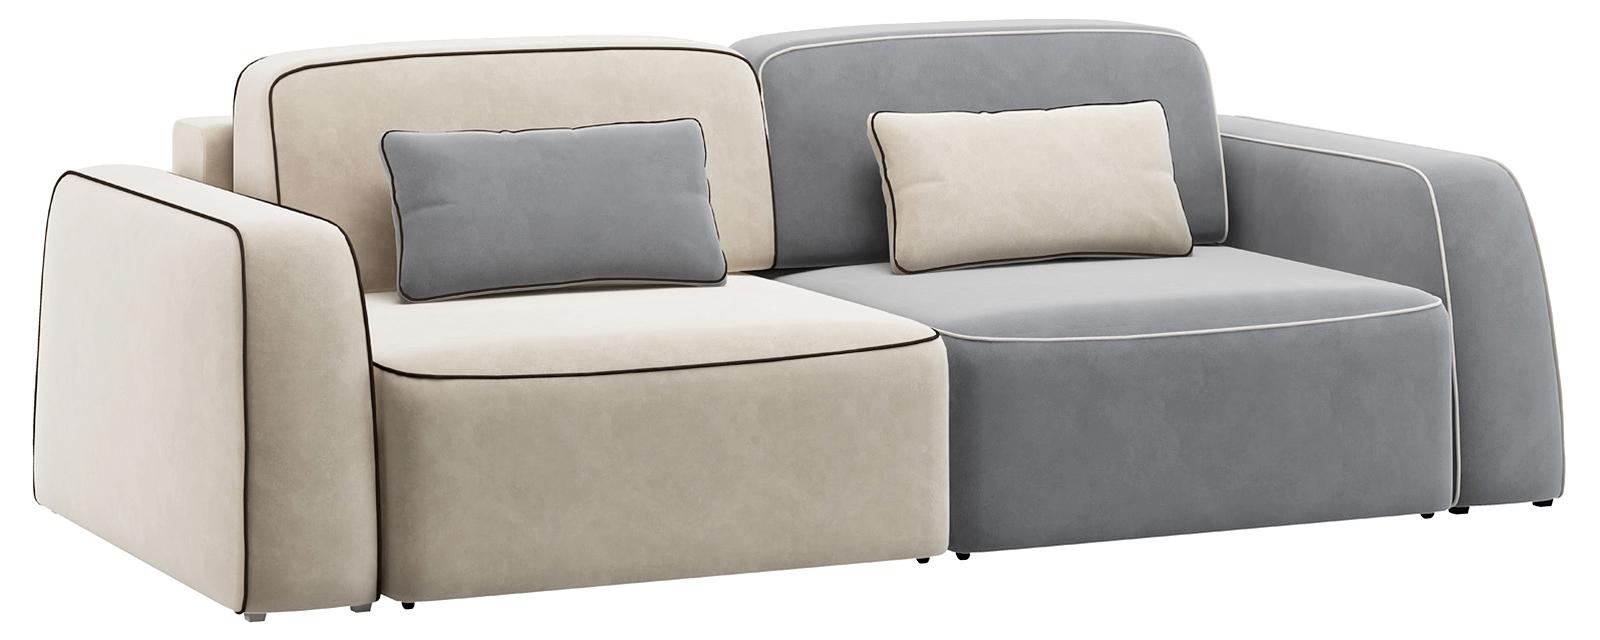 Модульный диван Портленд 200 см Вариант №1 Velutto серый/бежевый (Велюр)